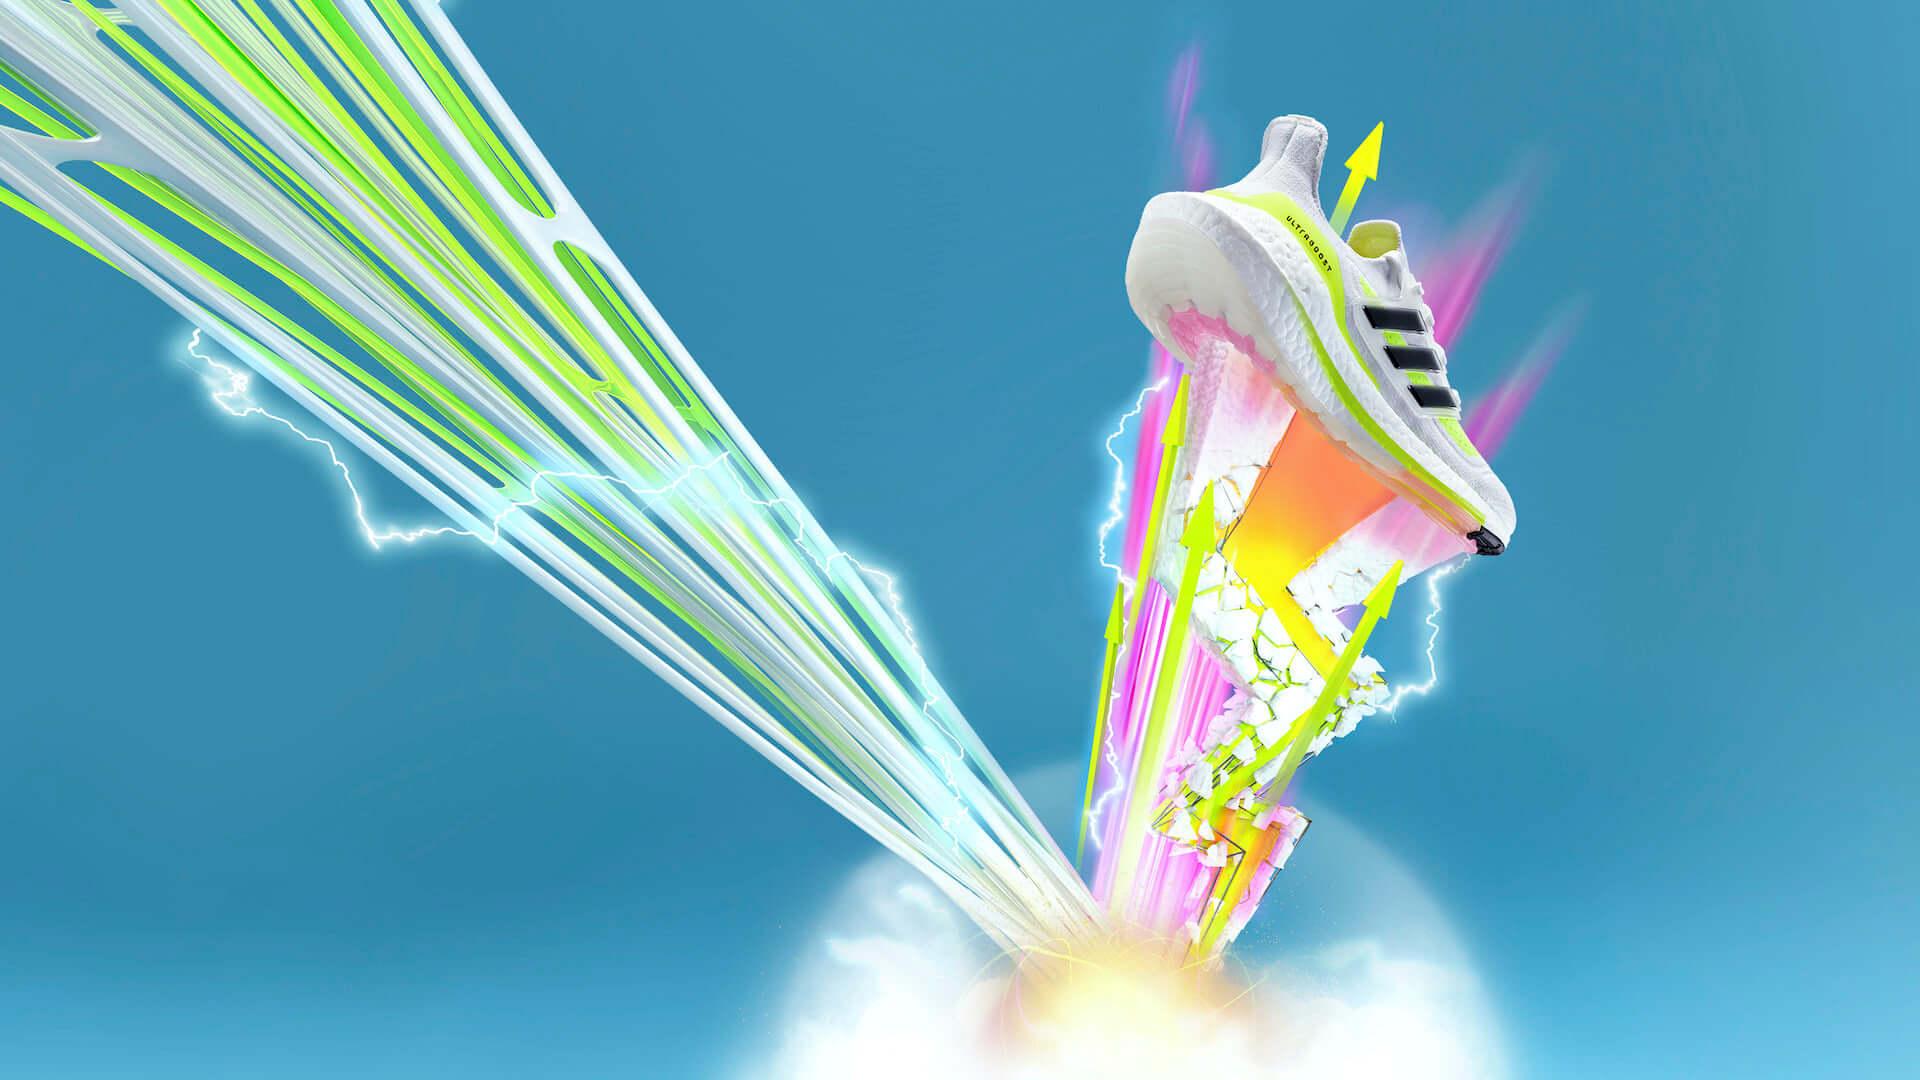 アディダスを象徴するプレミアムランニングシューズが進化!軽量性・クッショニングに優れた最新モデル『Ultraboost 21』が登場 lf210115_adidas_1-1920x1080